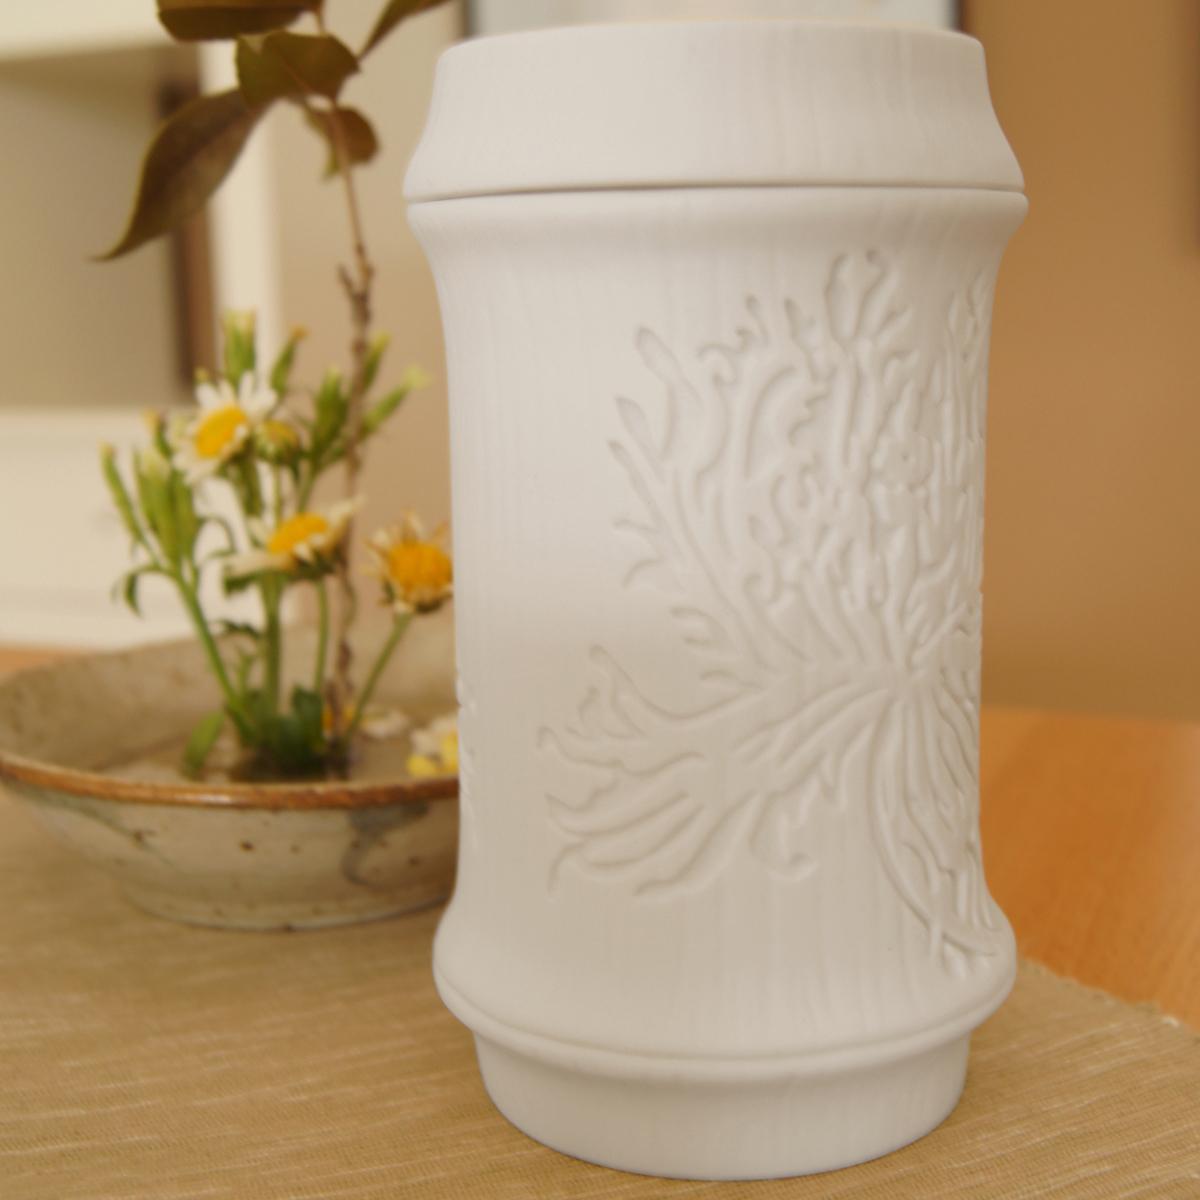 好合苑 Grand Garden 竹韻蓋杯 罌粟花 單白色 (附提袋)